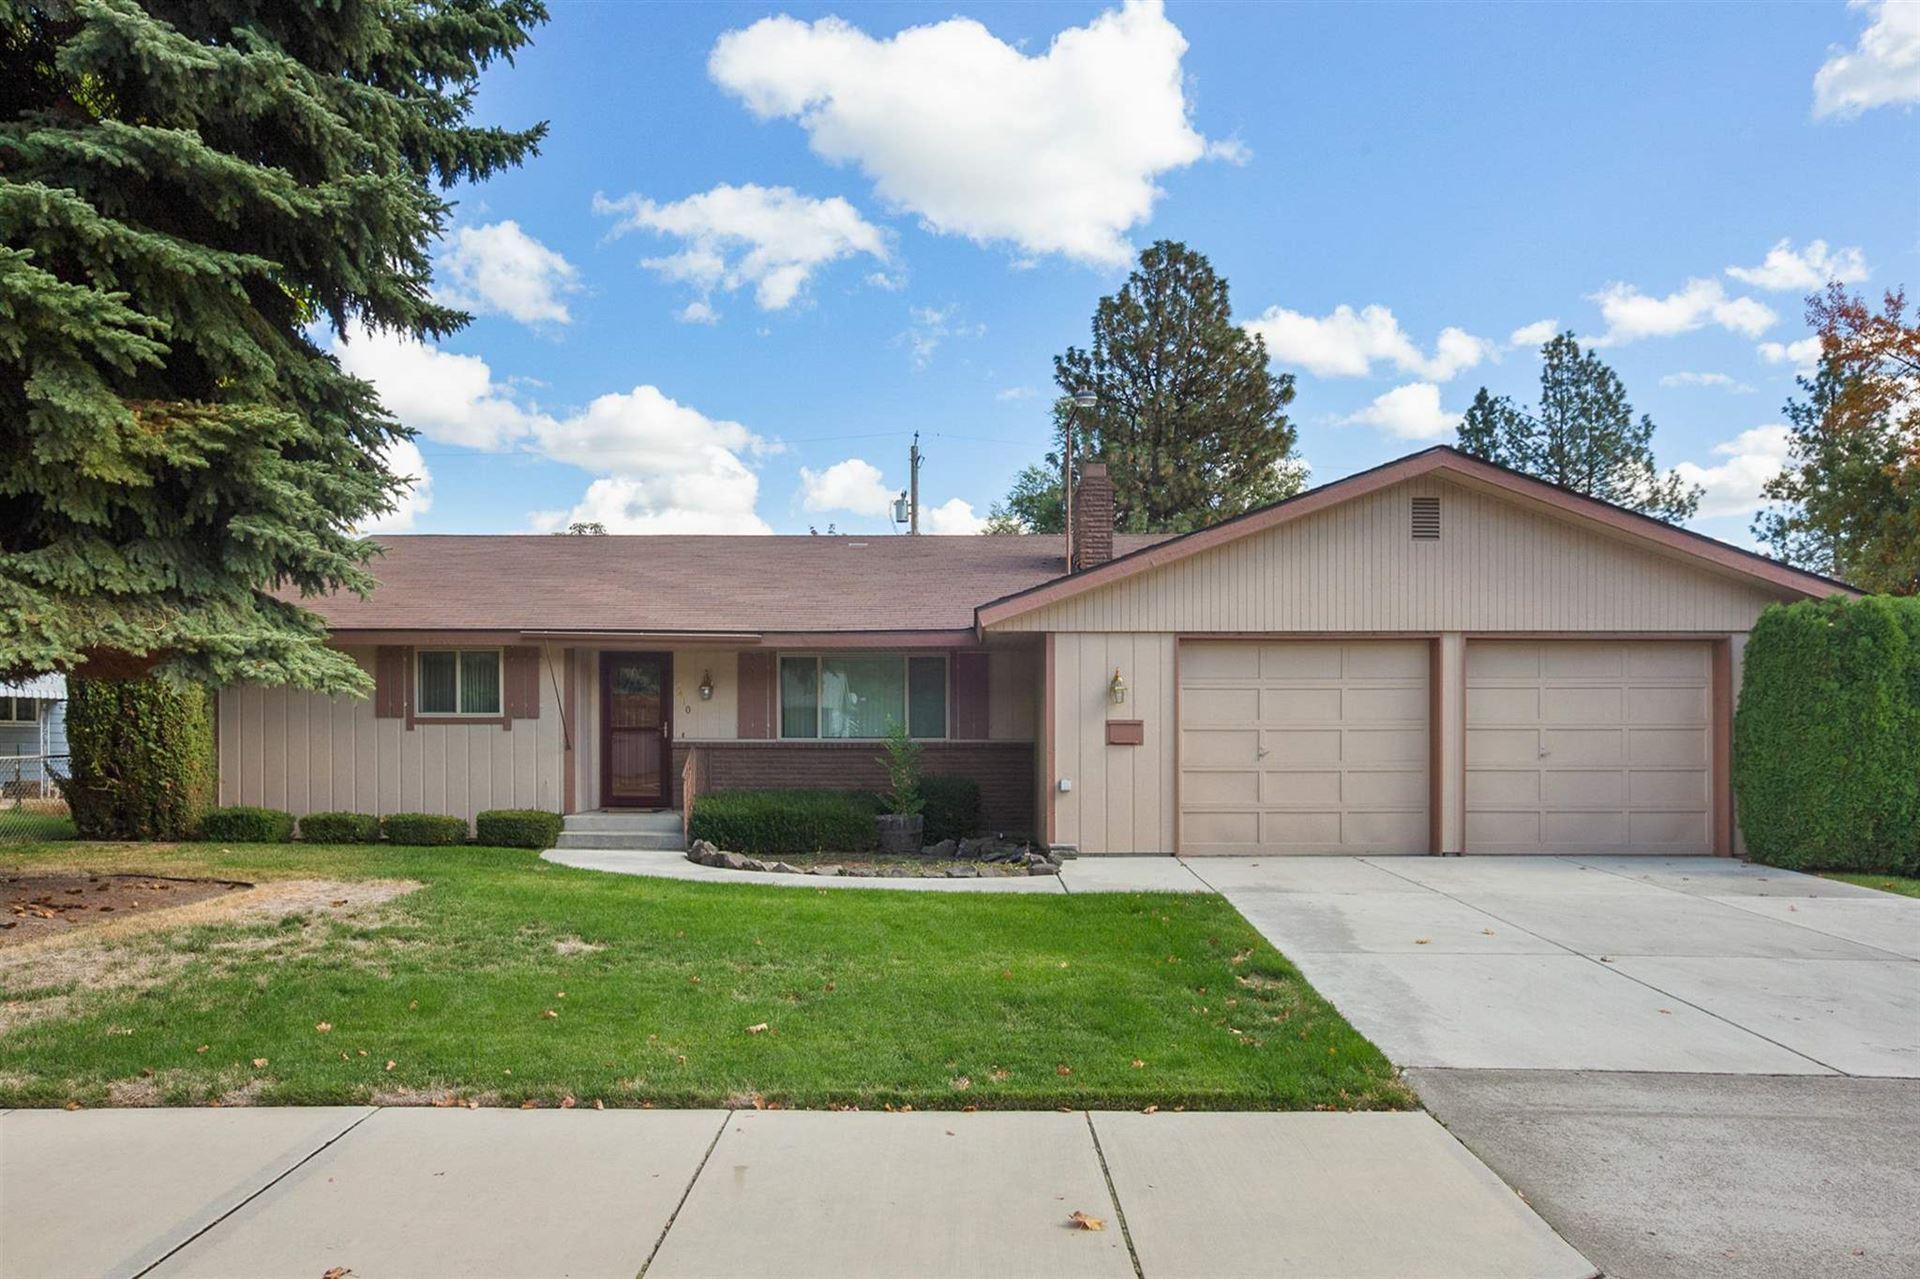 5410 N MADISON St, Spokane, WA 99205 - #: 202123627